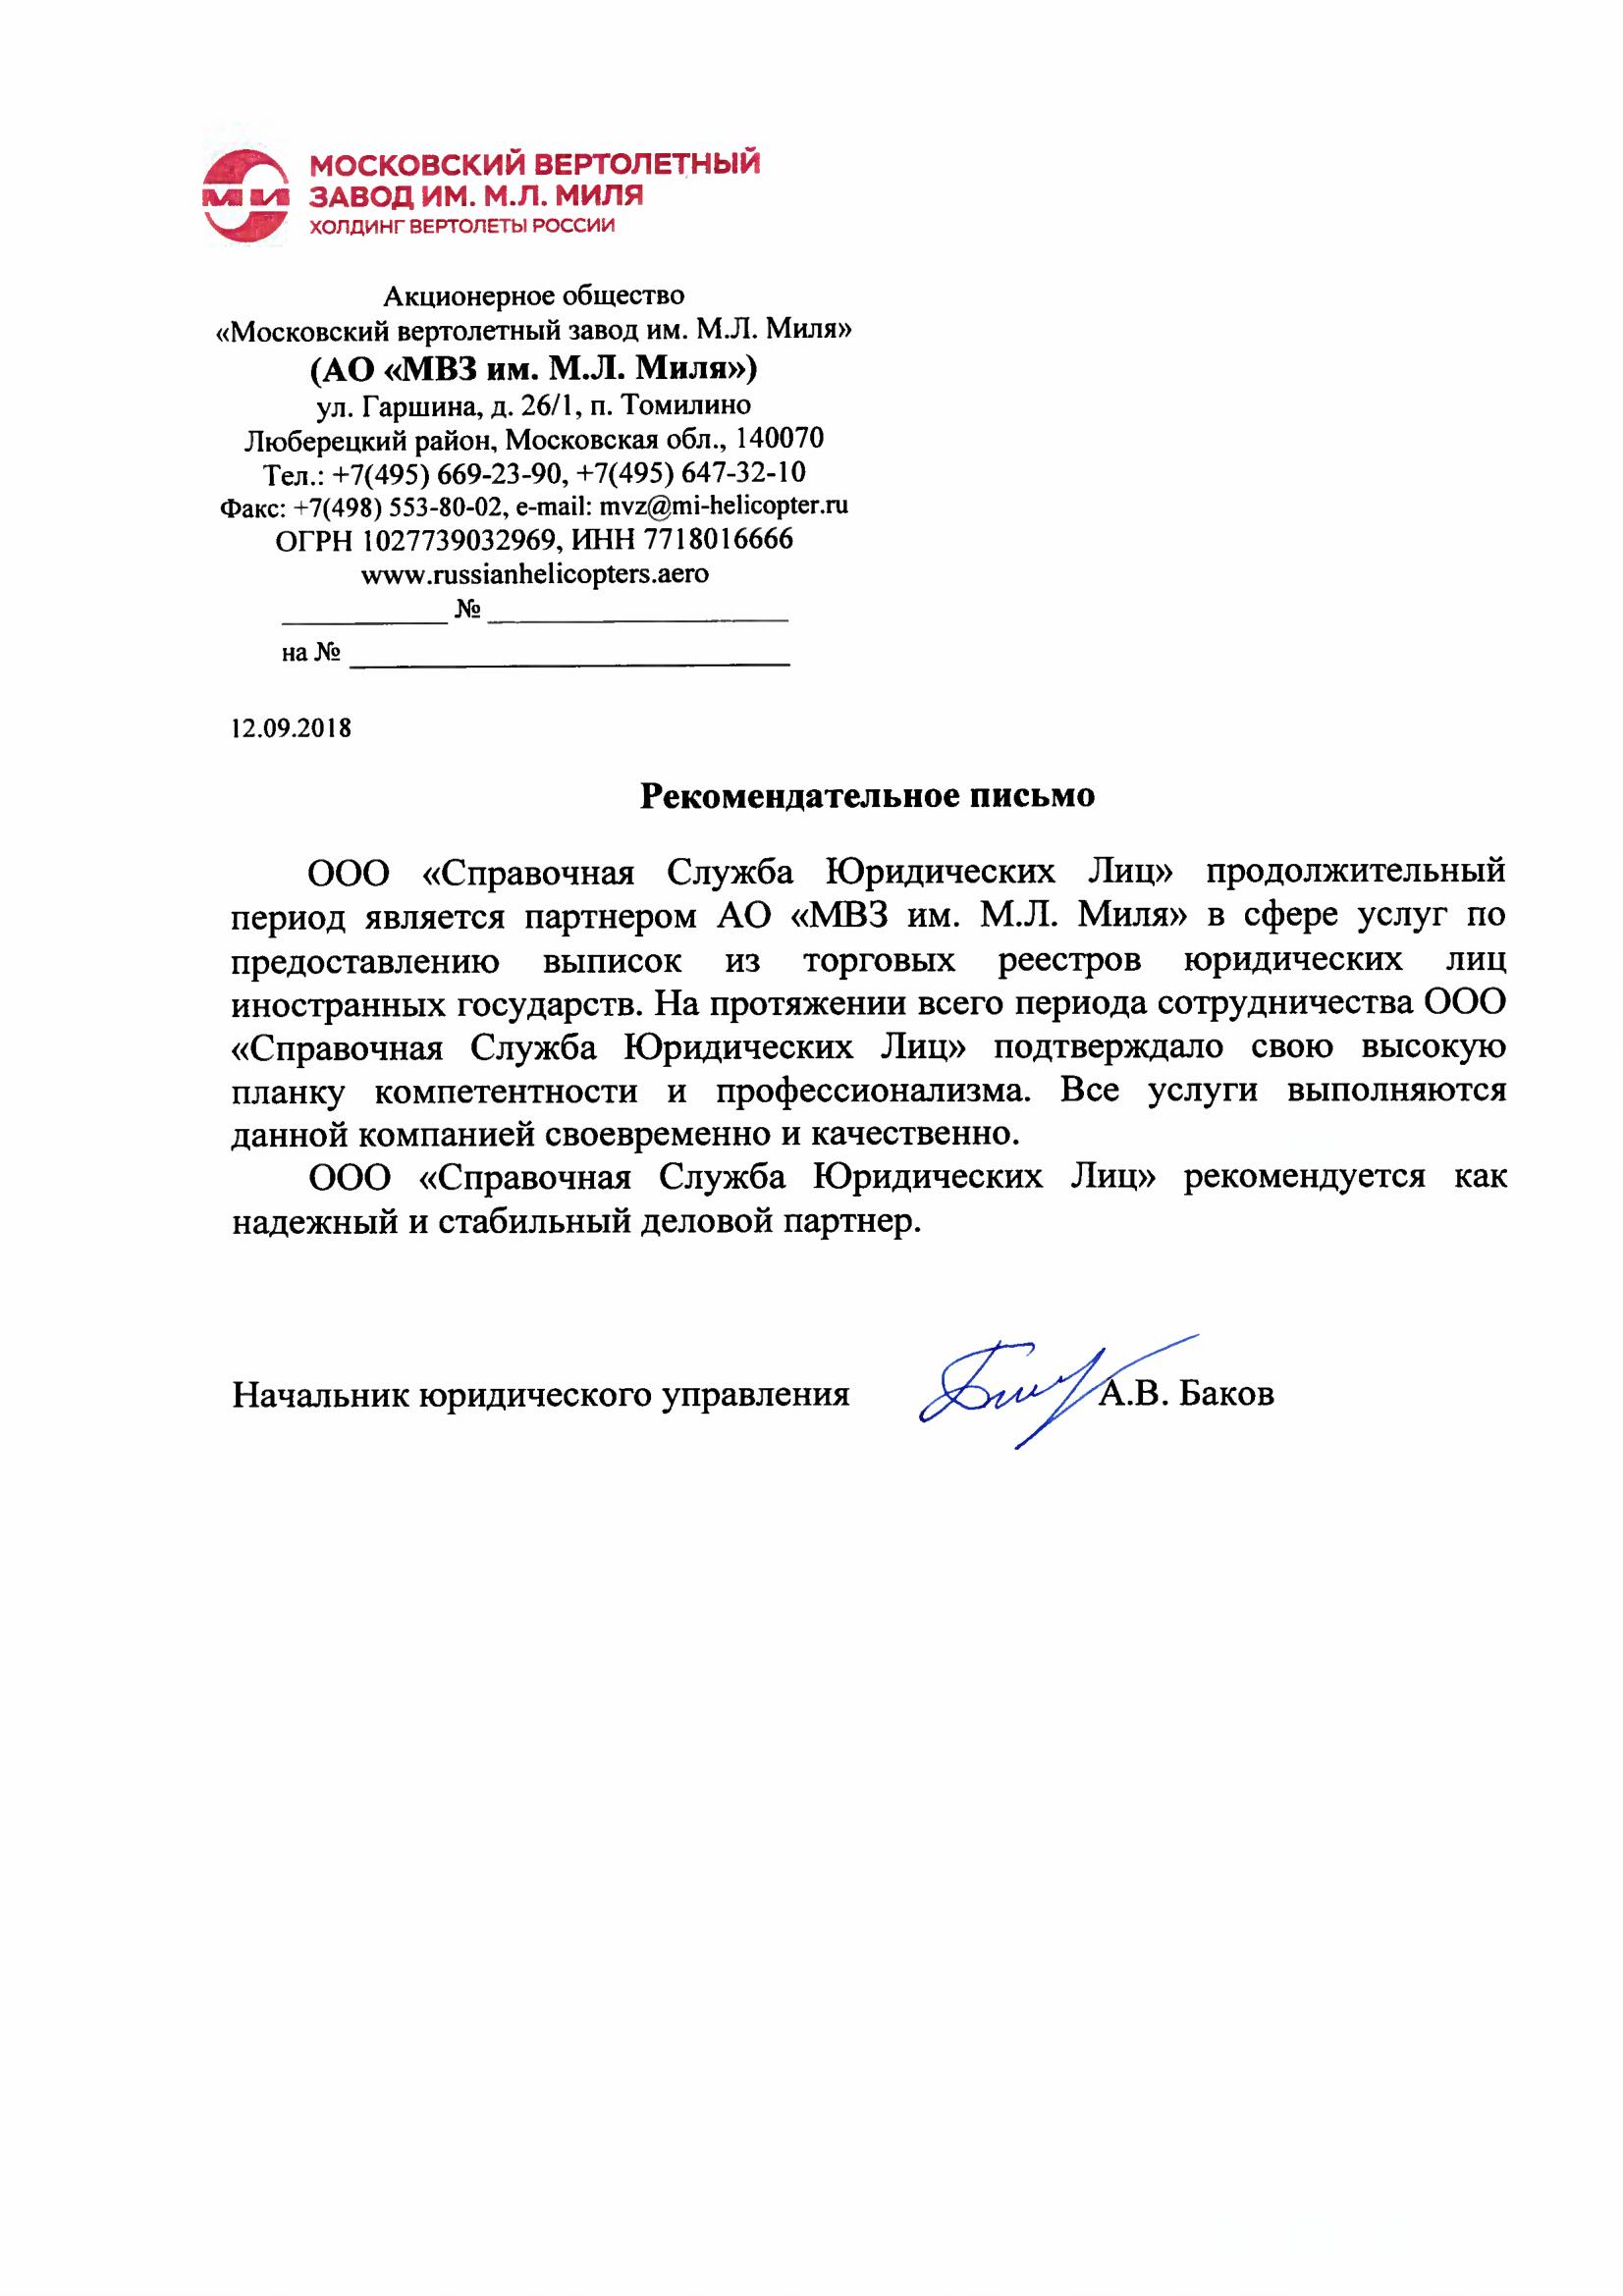 Поиск по инн физического лица украина